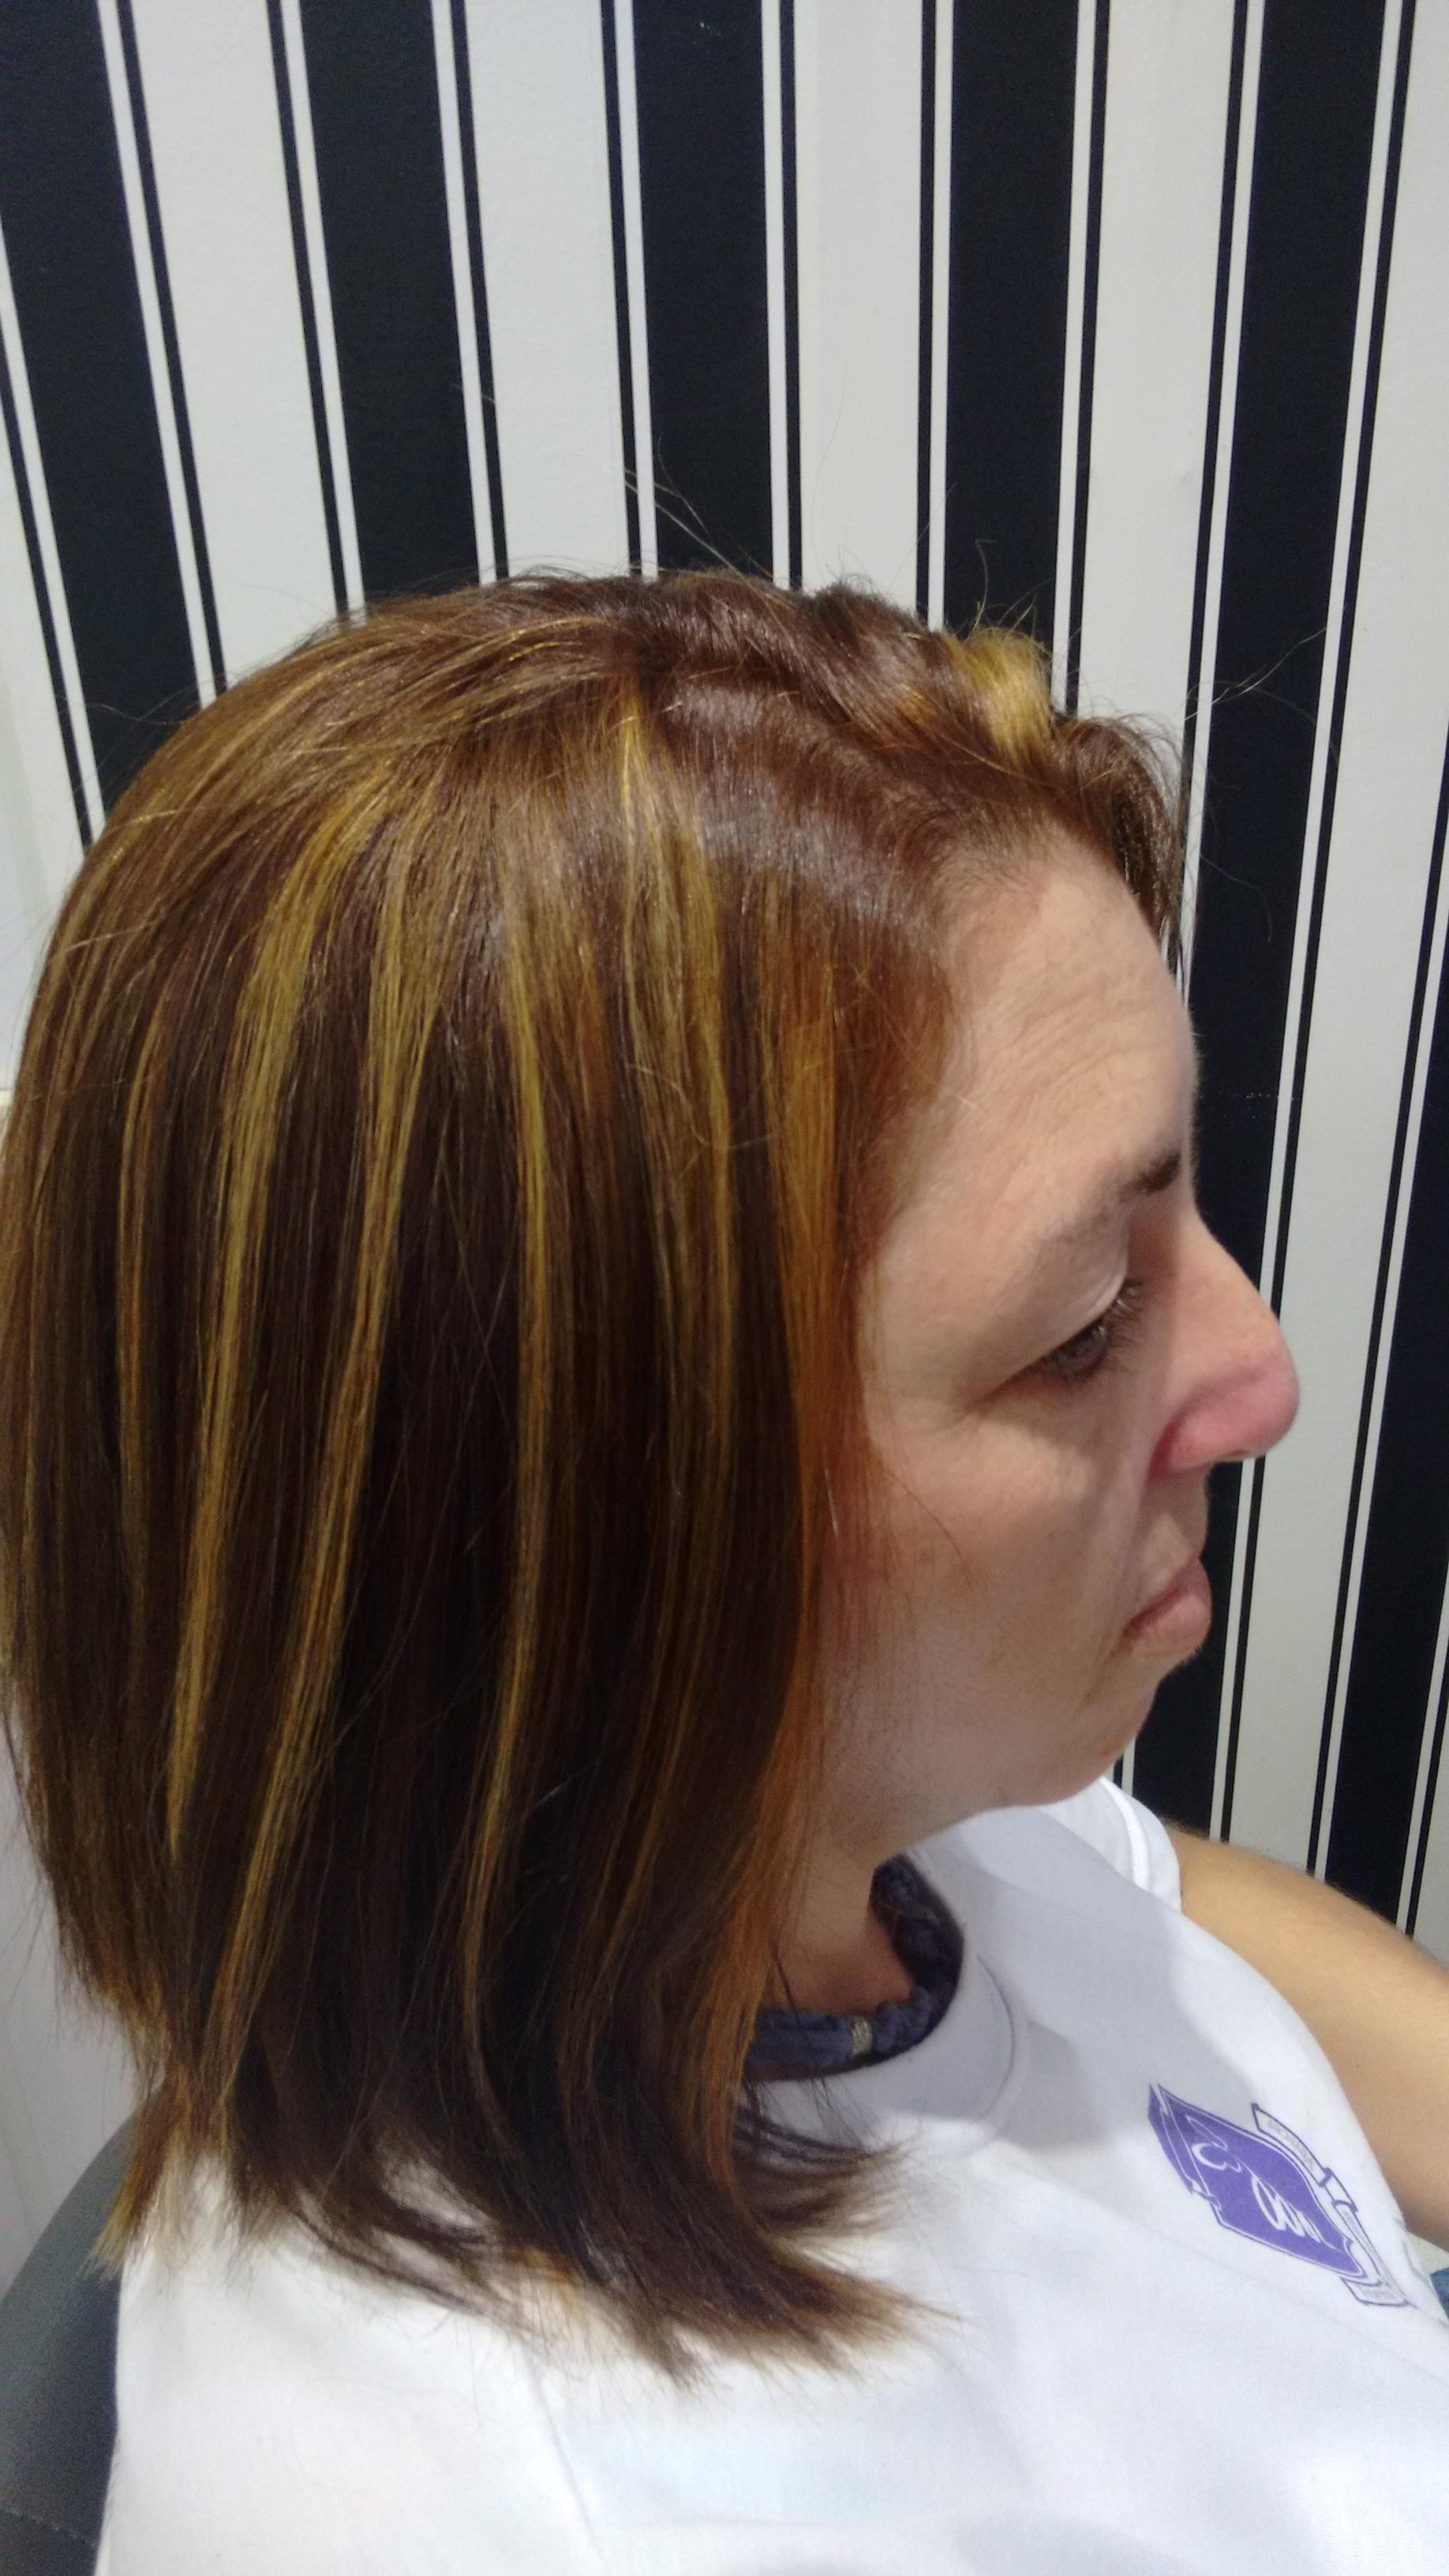 Técnica usada: marmorização cabelo cabeleireiro(a) cabeleireiro(a)